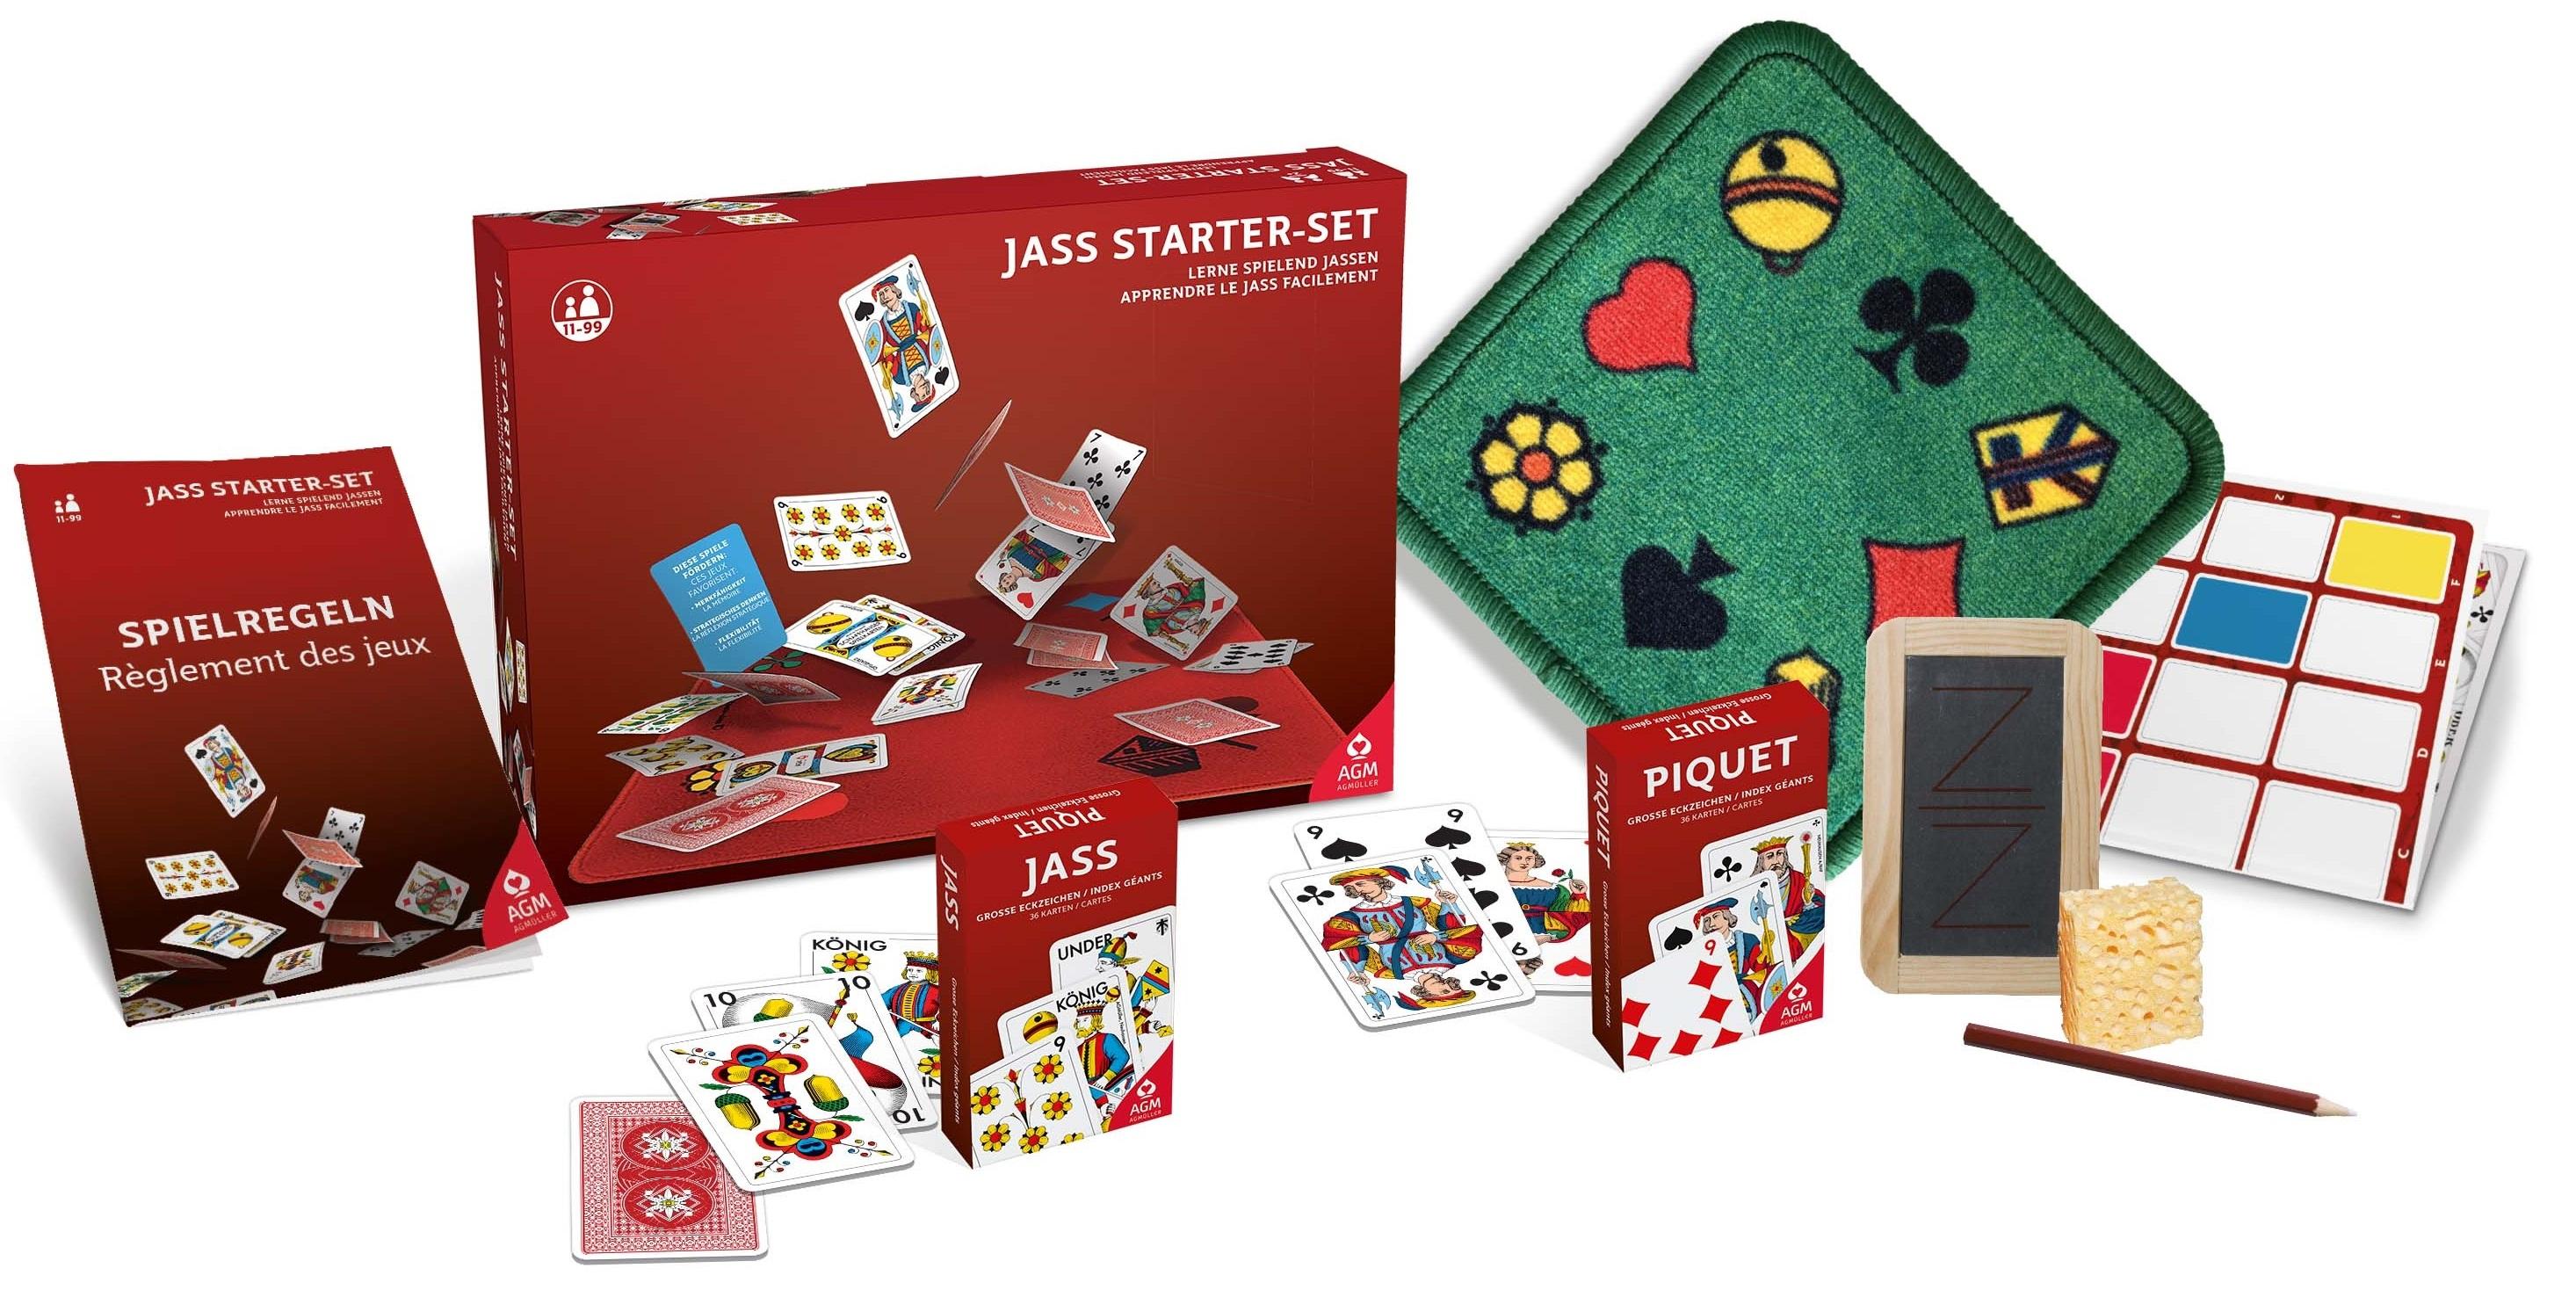 Jass Starter-Set